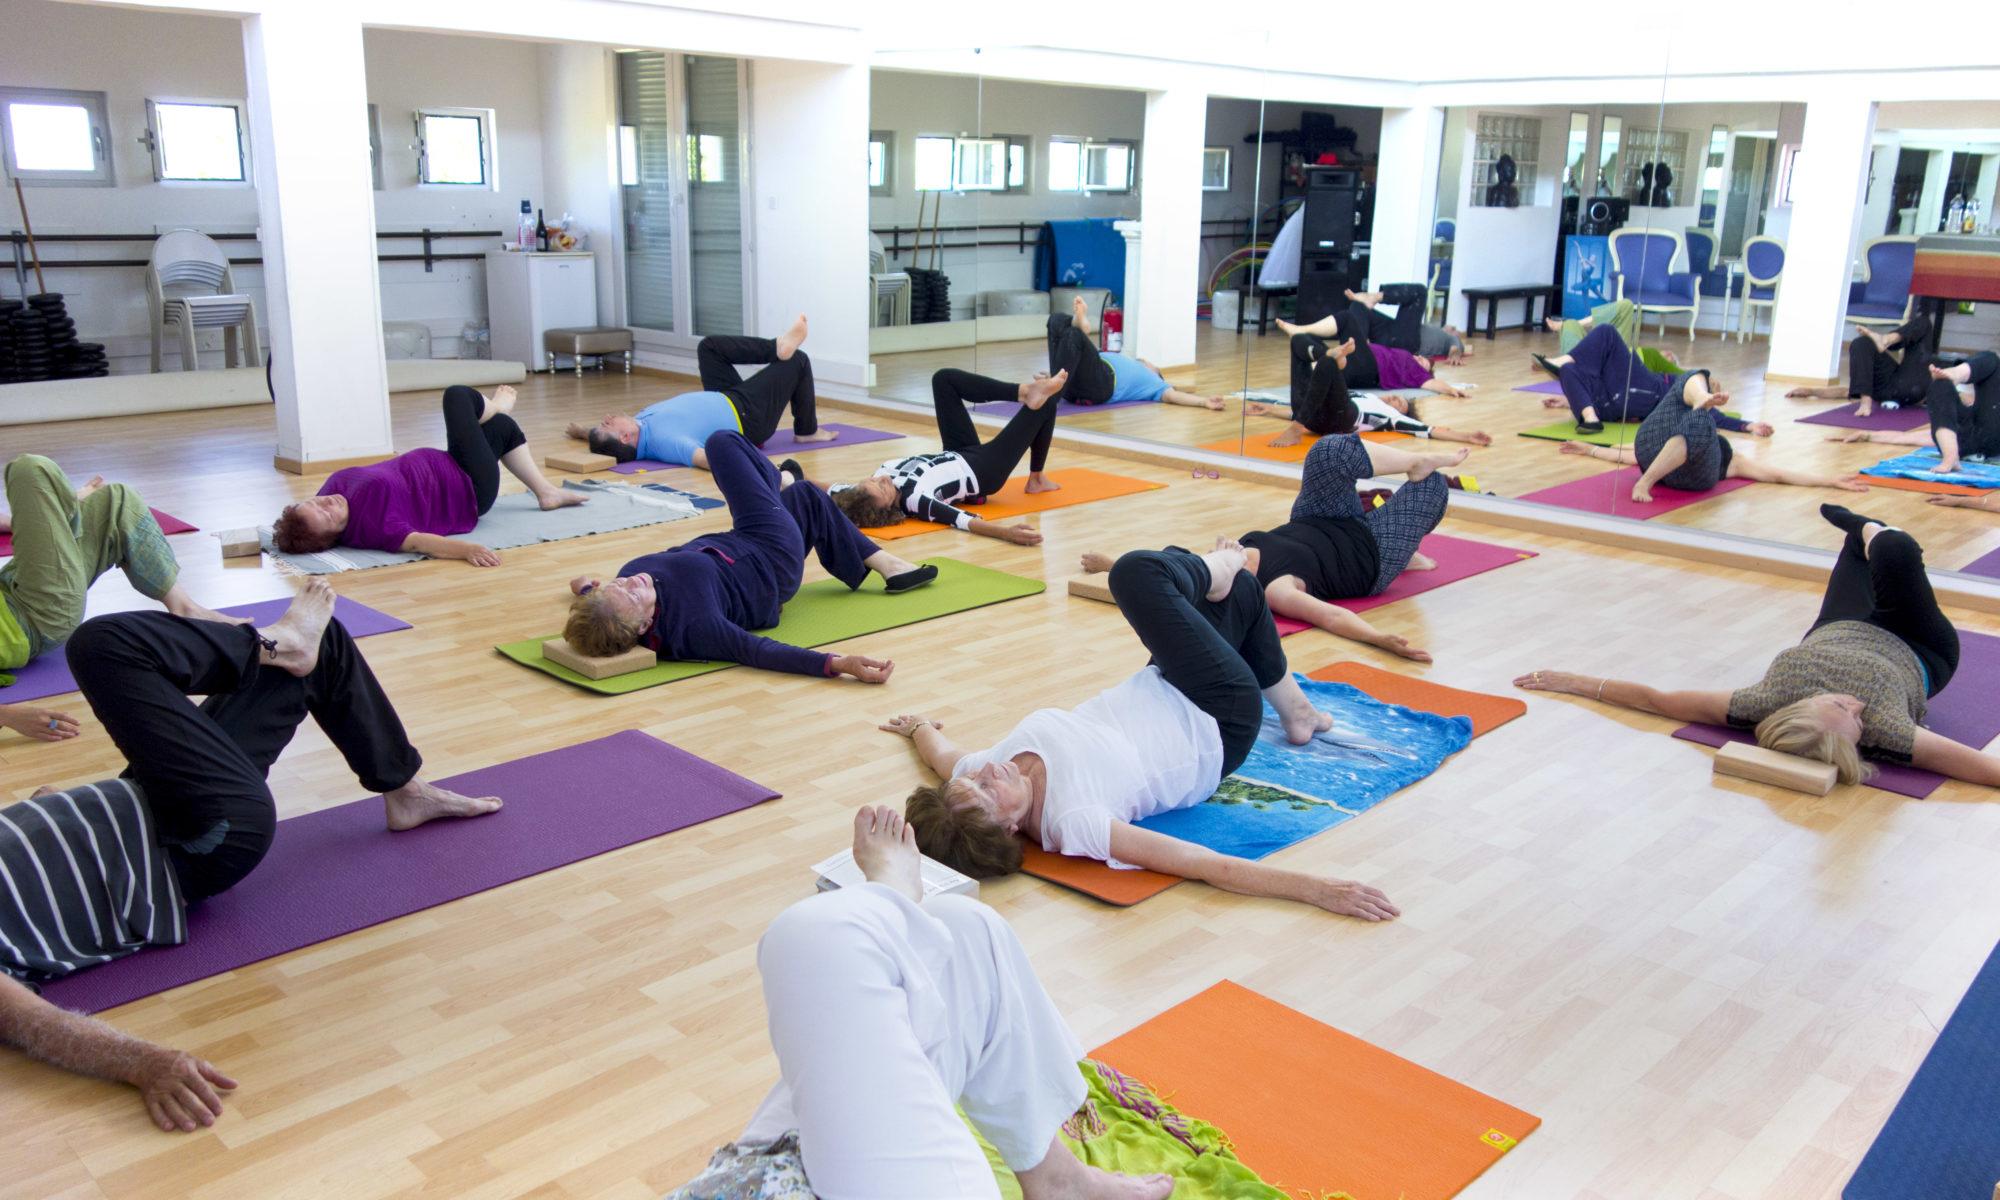 c'est la rentrée de la gymnastique holistique à l'école Bouichet Sawas